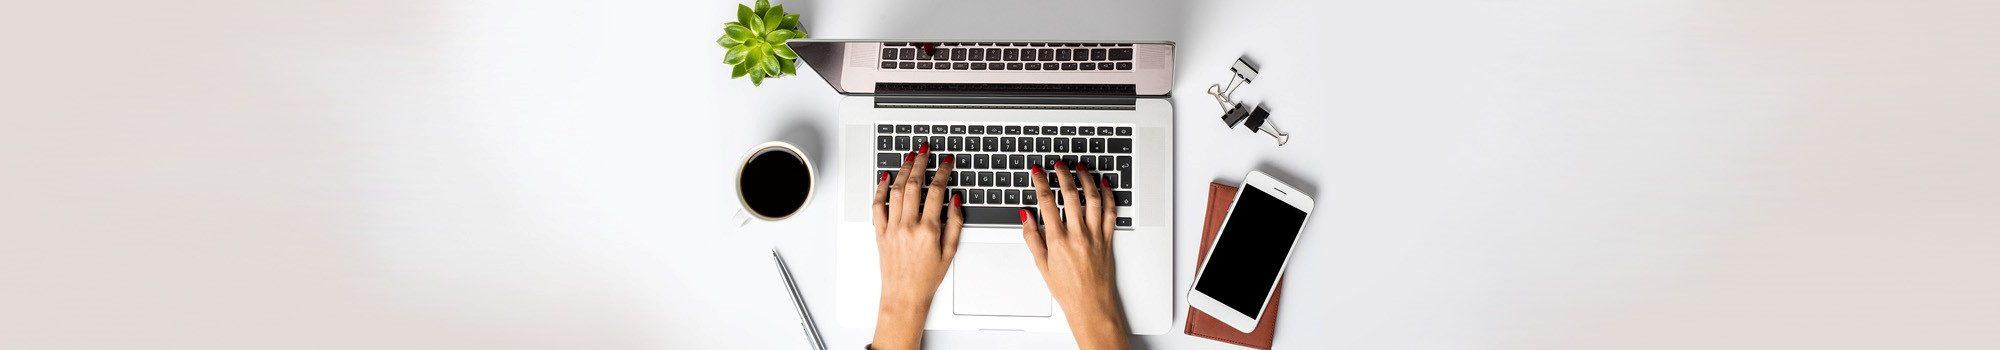 הקלדה על מחשב